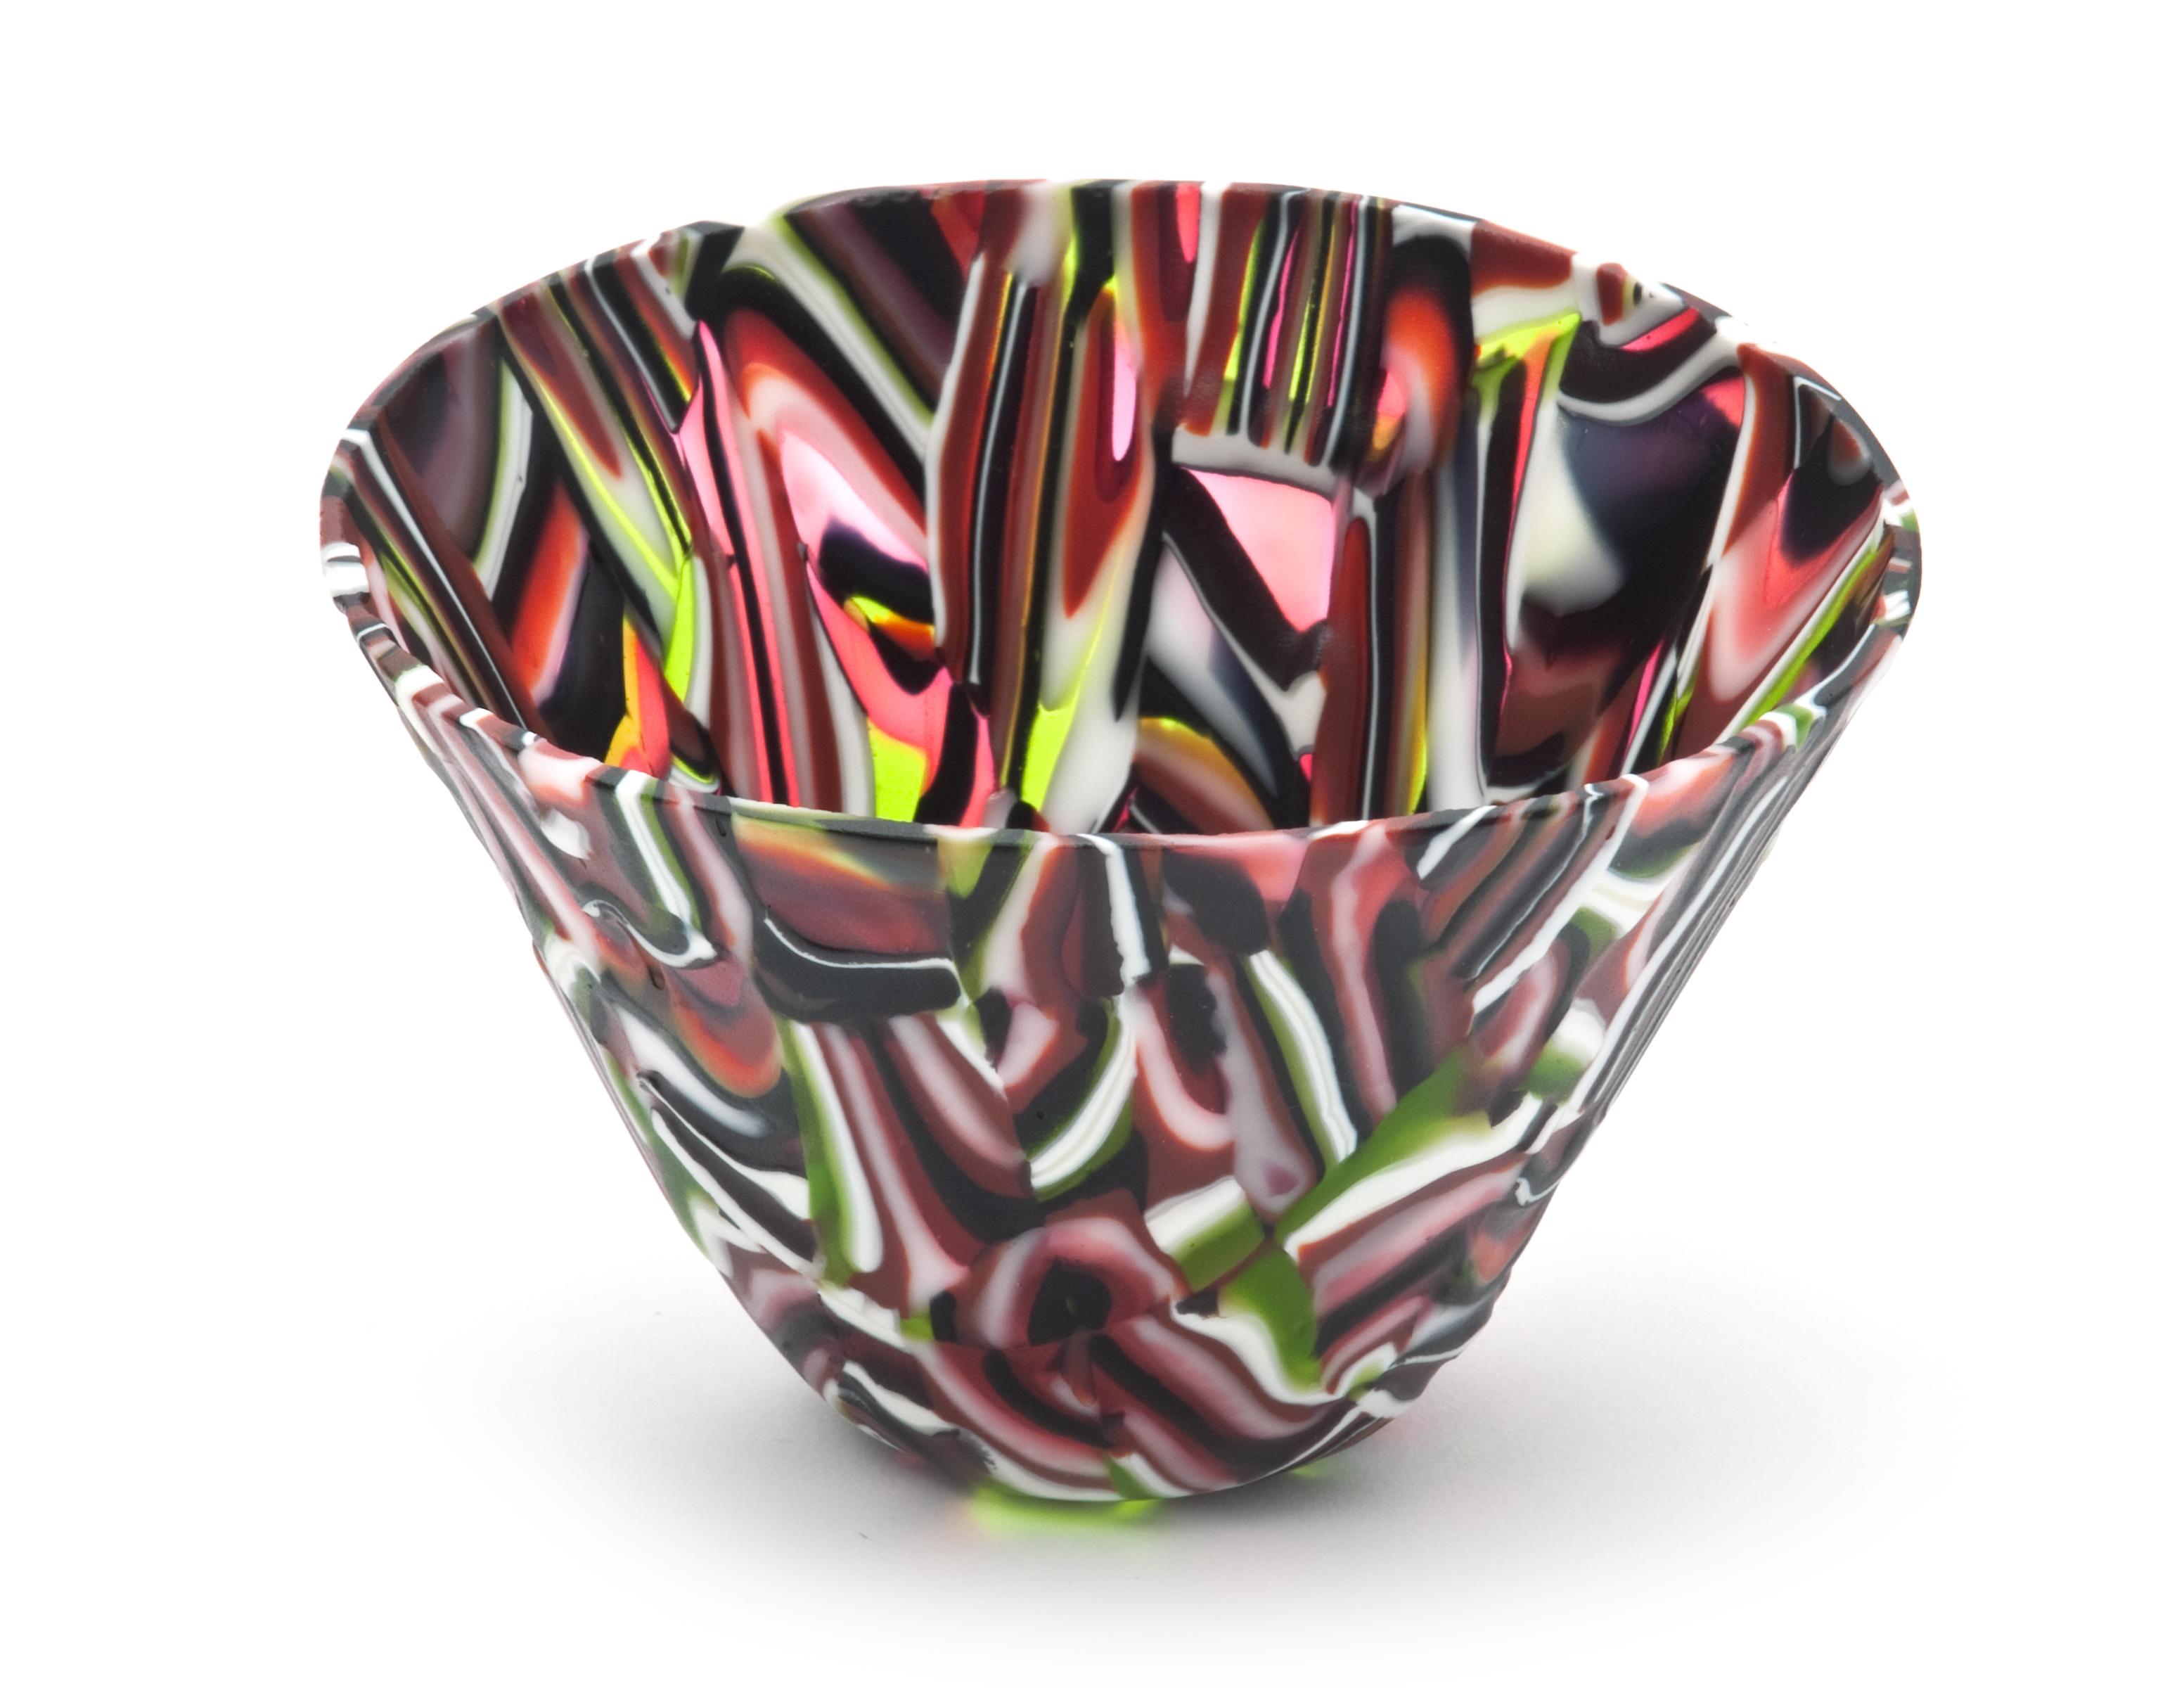 Multi-Color Small Bowl